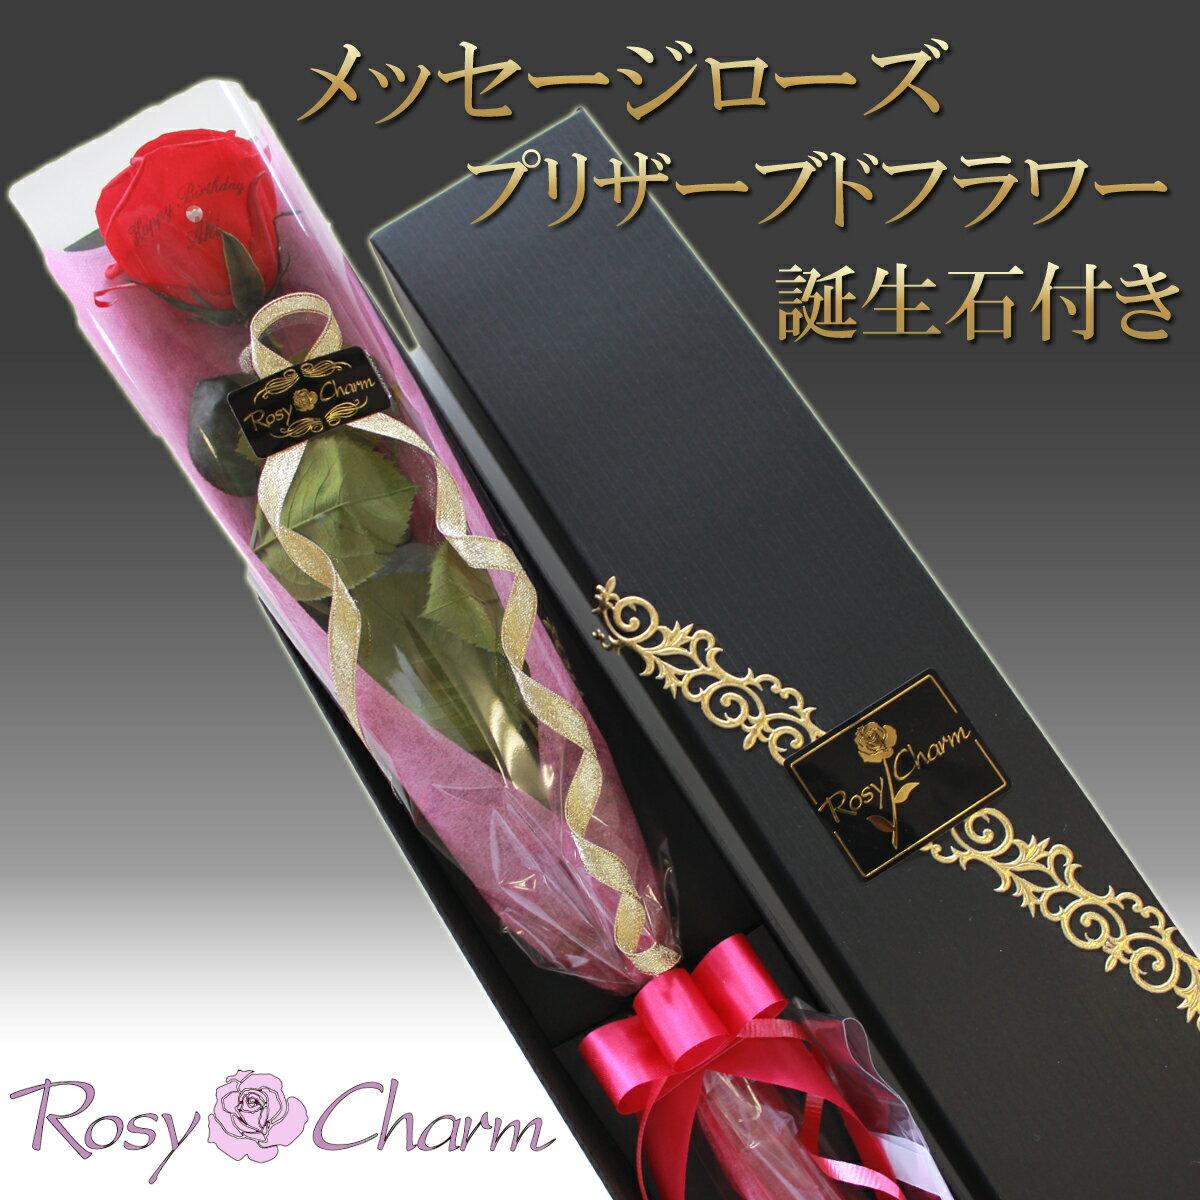 メッセージローズ プリザーブドフラワー 赤いバラ 1輪【誕生日プレゼント プロポーズ 記念日に贈るバラ1本】